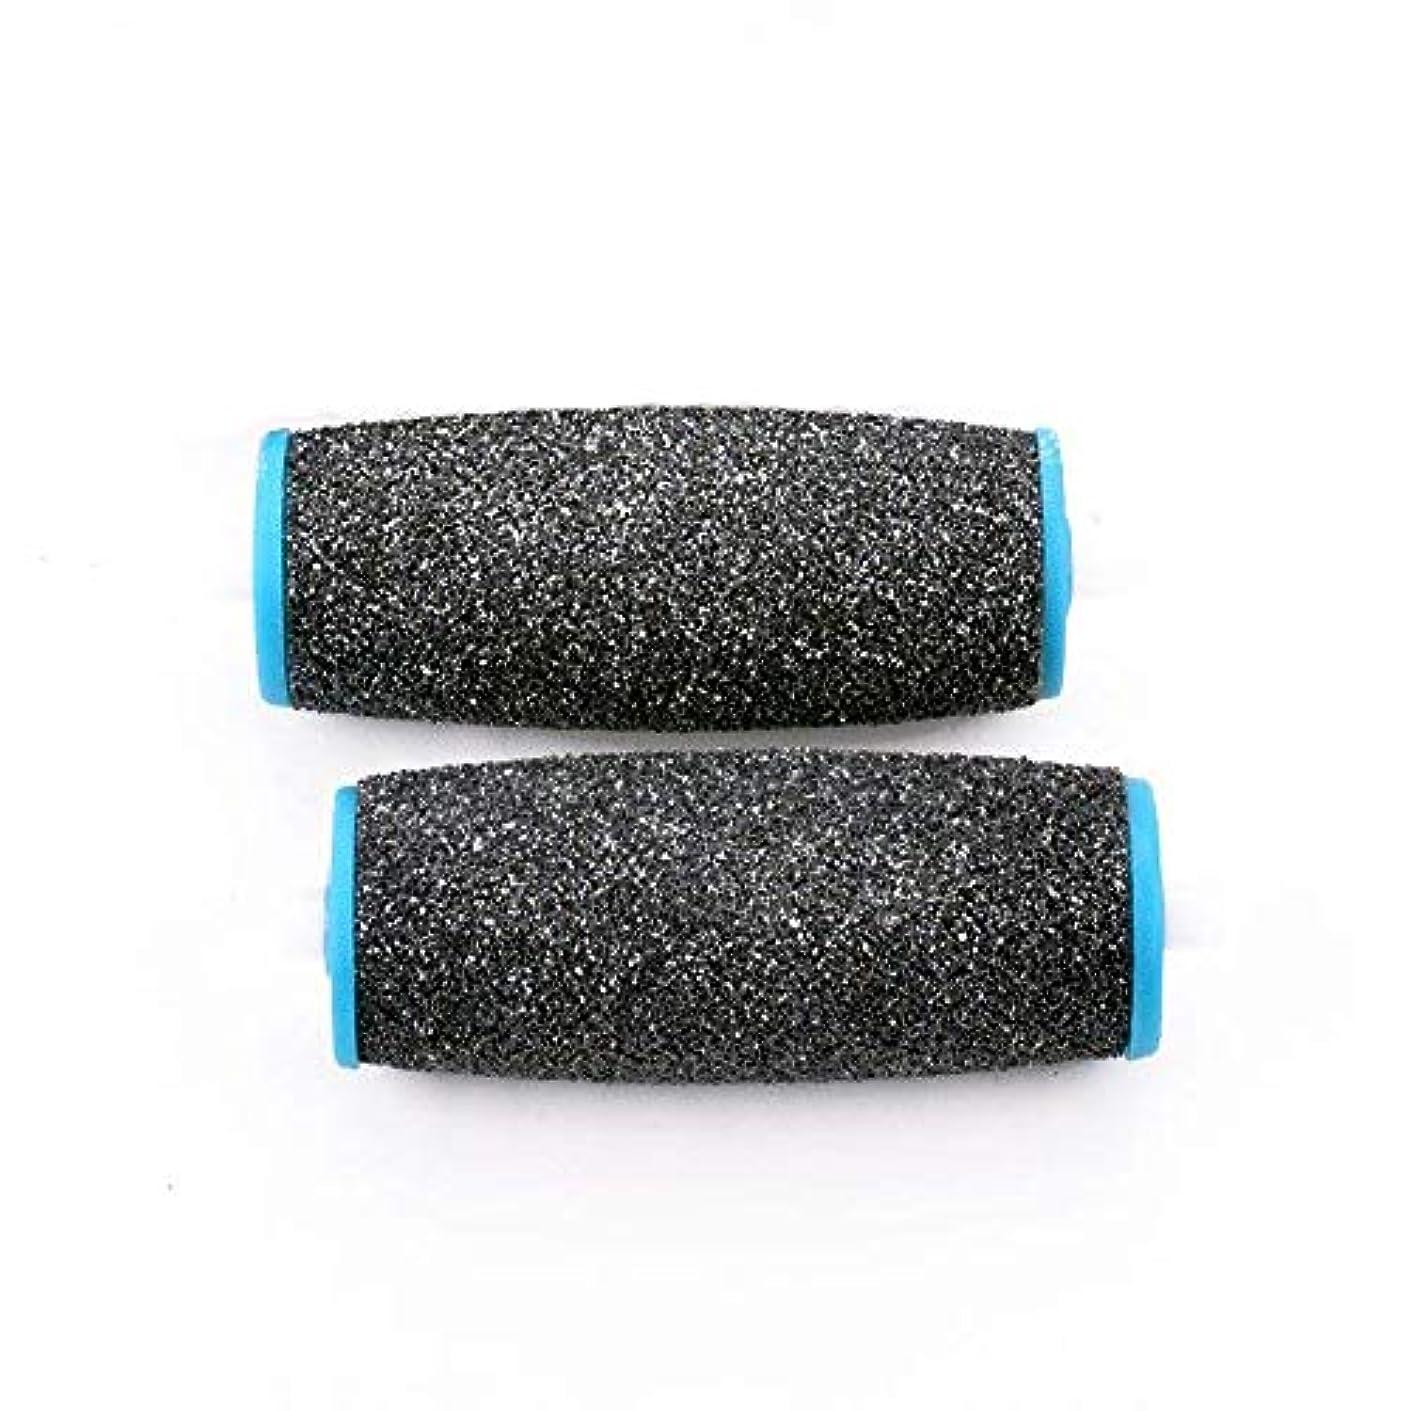 領域ジャケット比較的Viffly ベルベットスムーズ 電動角質リムーバー ダイヤモンド リフィル エキストラ かたい角質用 2個セット (ブラック+ブルー)